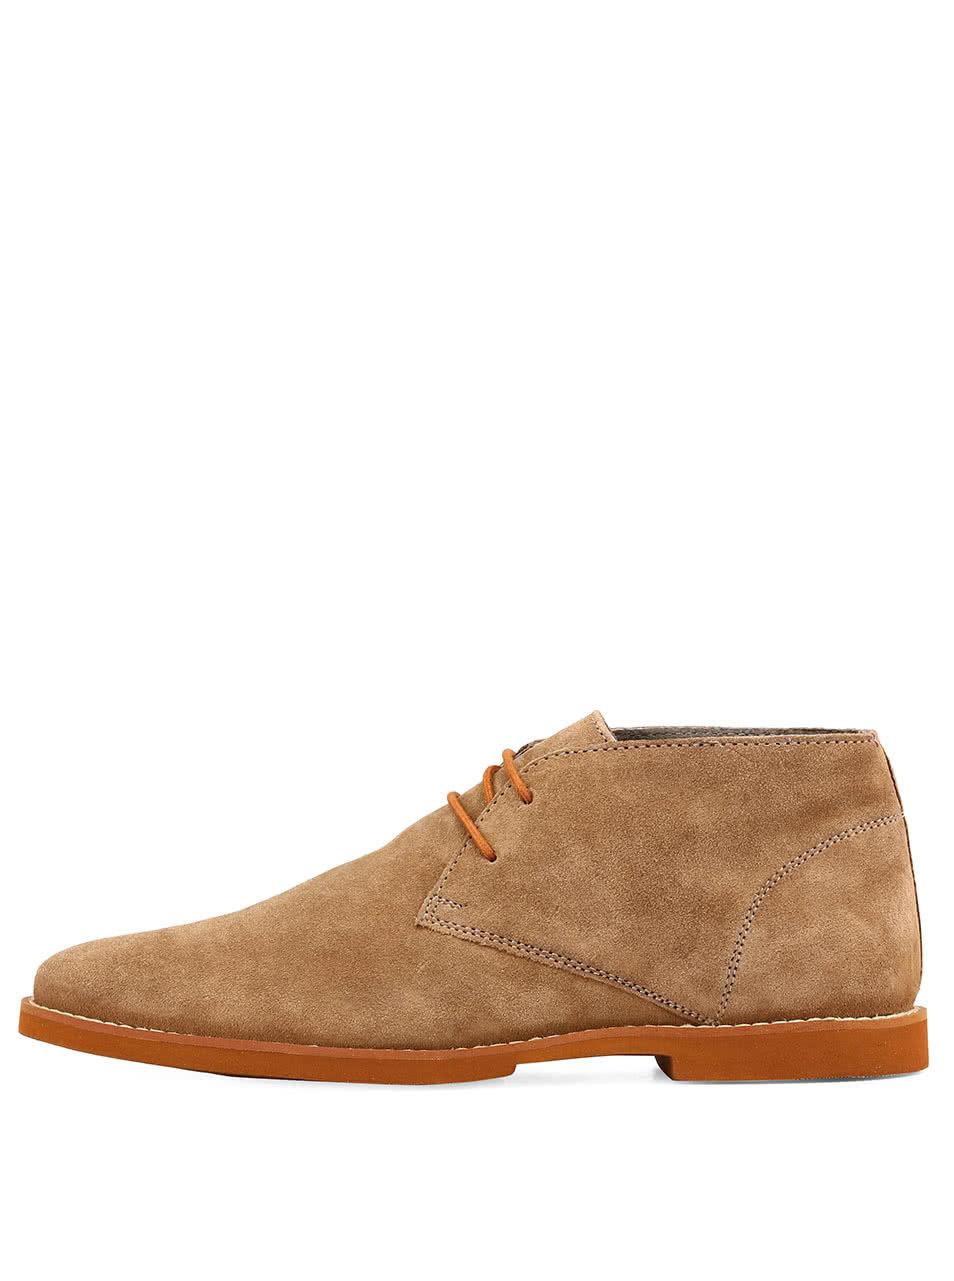 Oříškově hnědé semišové boty z kůže Frank Wright Bridges